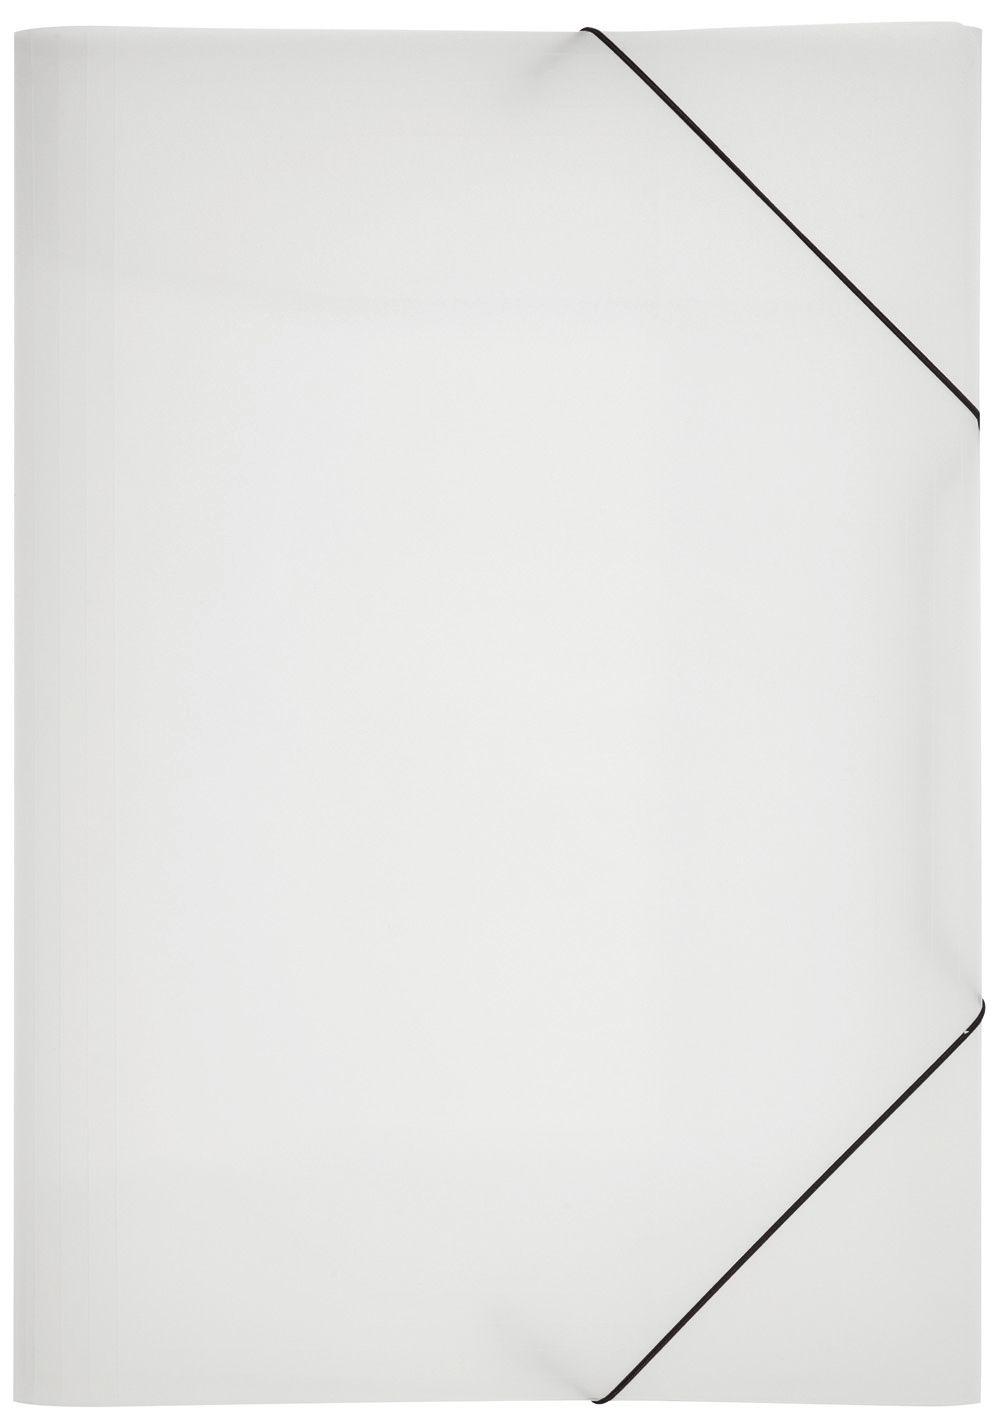 5x Eckspannmappen A3 Eckspanner Sammelmappen PP Kunststoff schwarz transparent